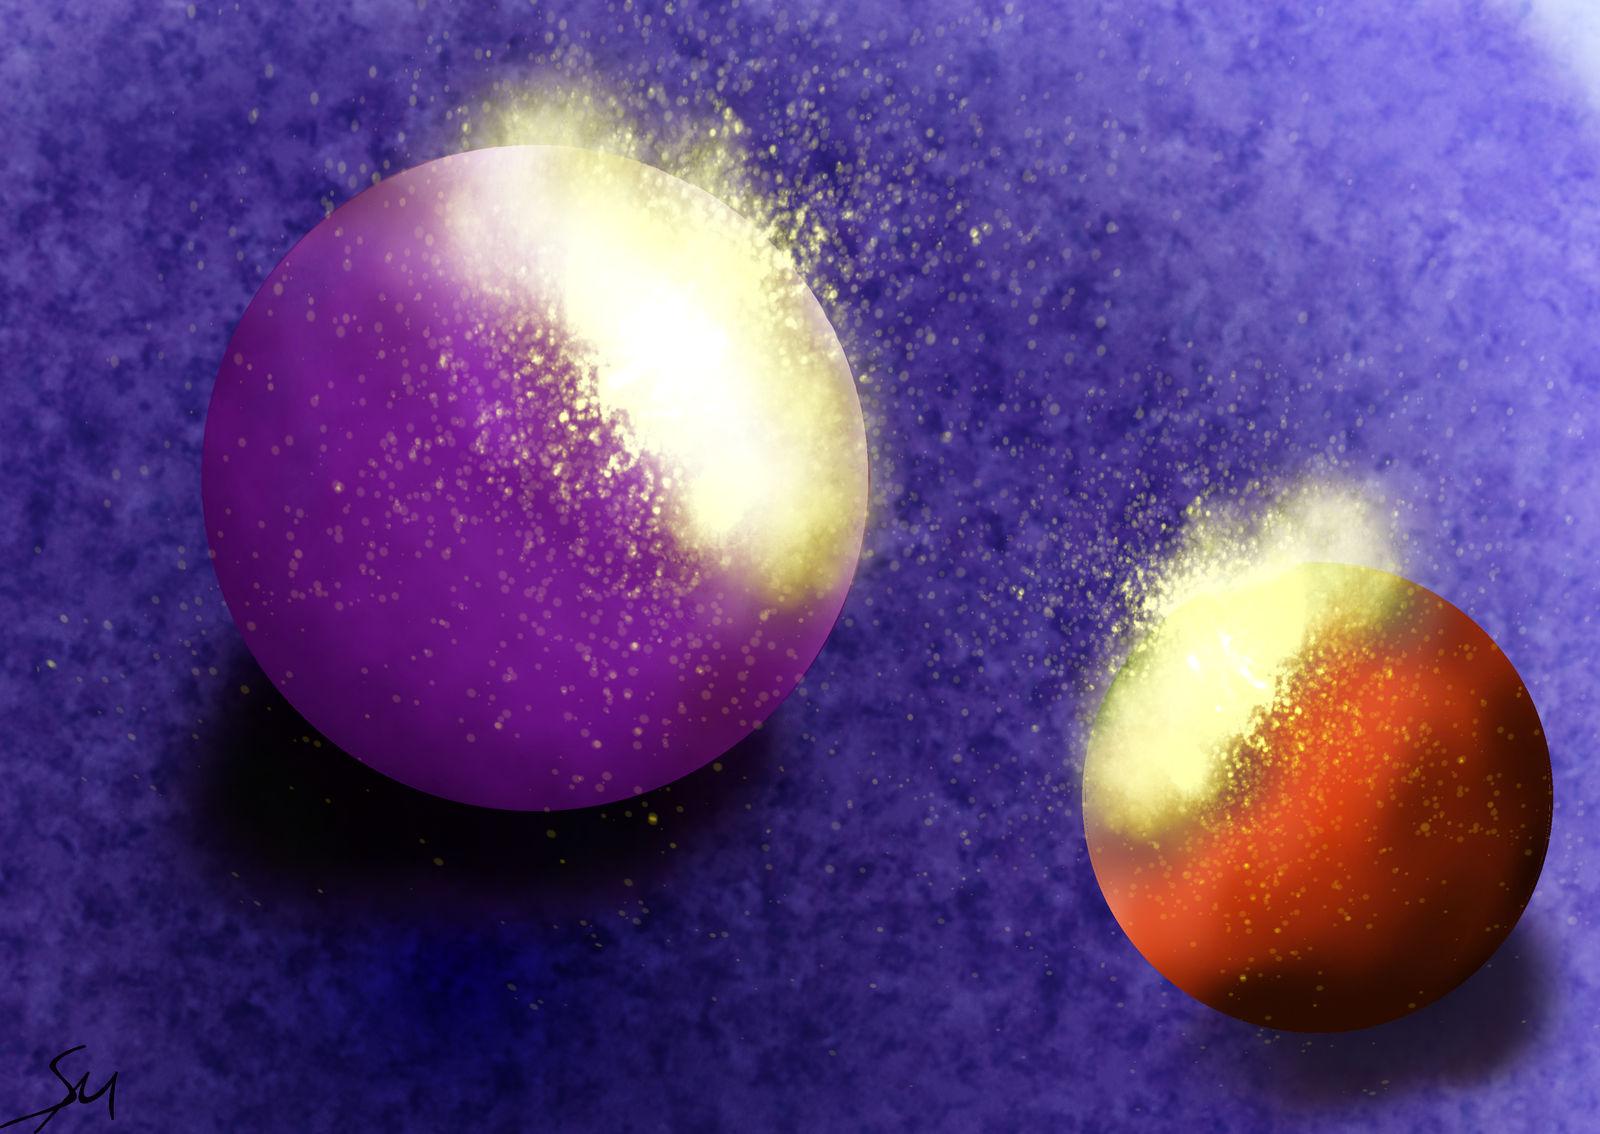 Disintegrating Spheres